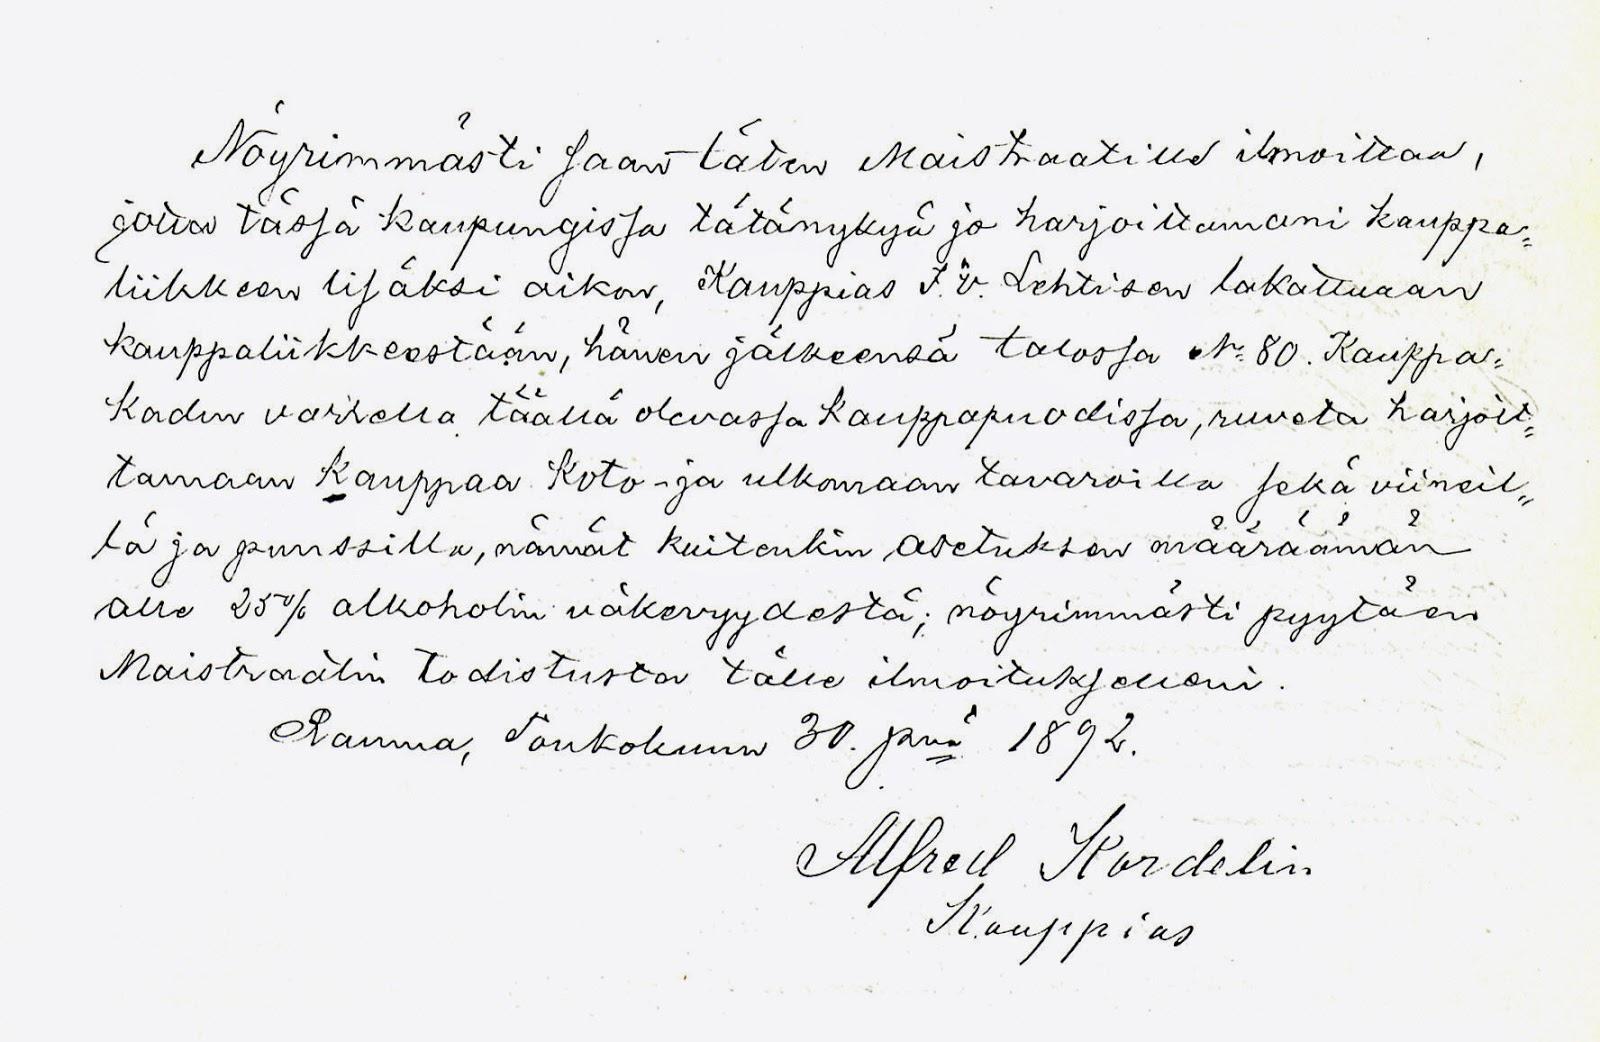 kaupparekisteri maksut Ylojarvi